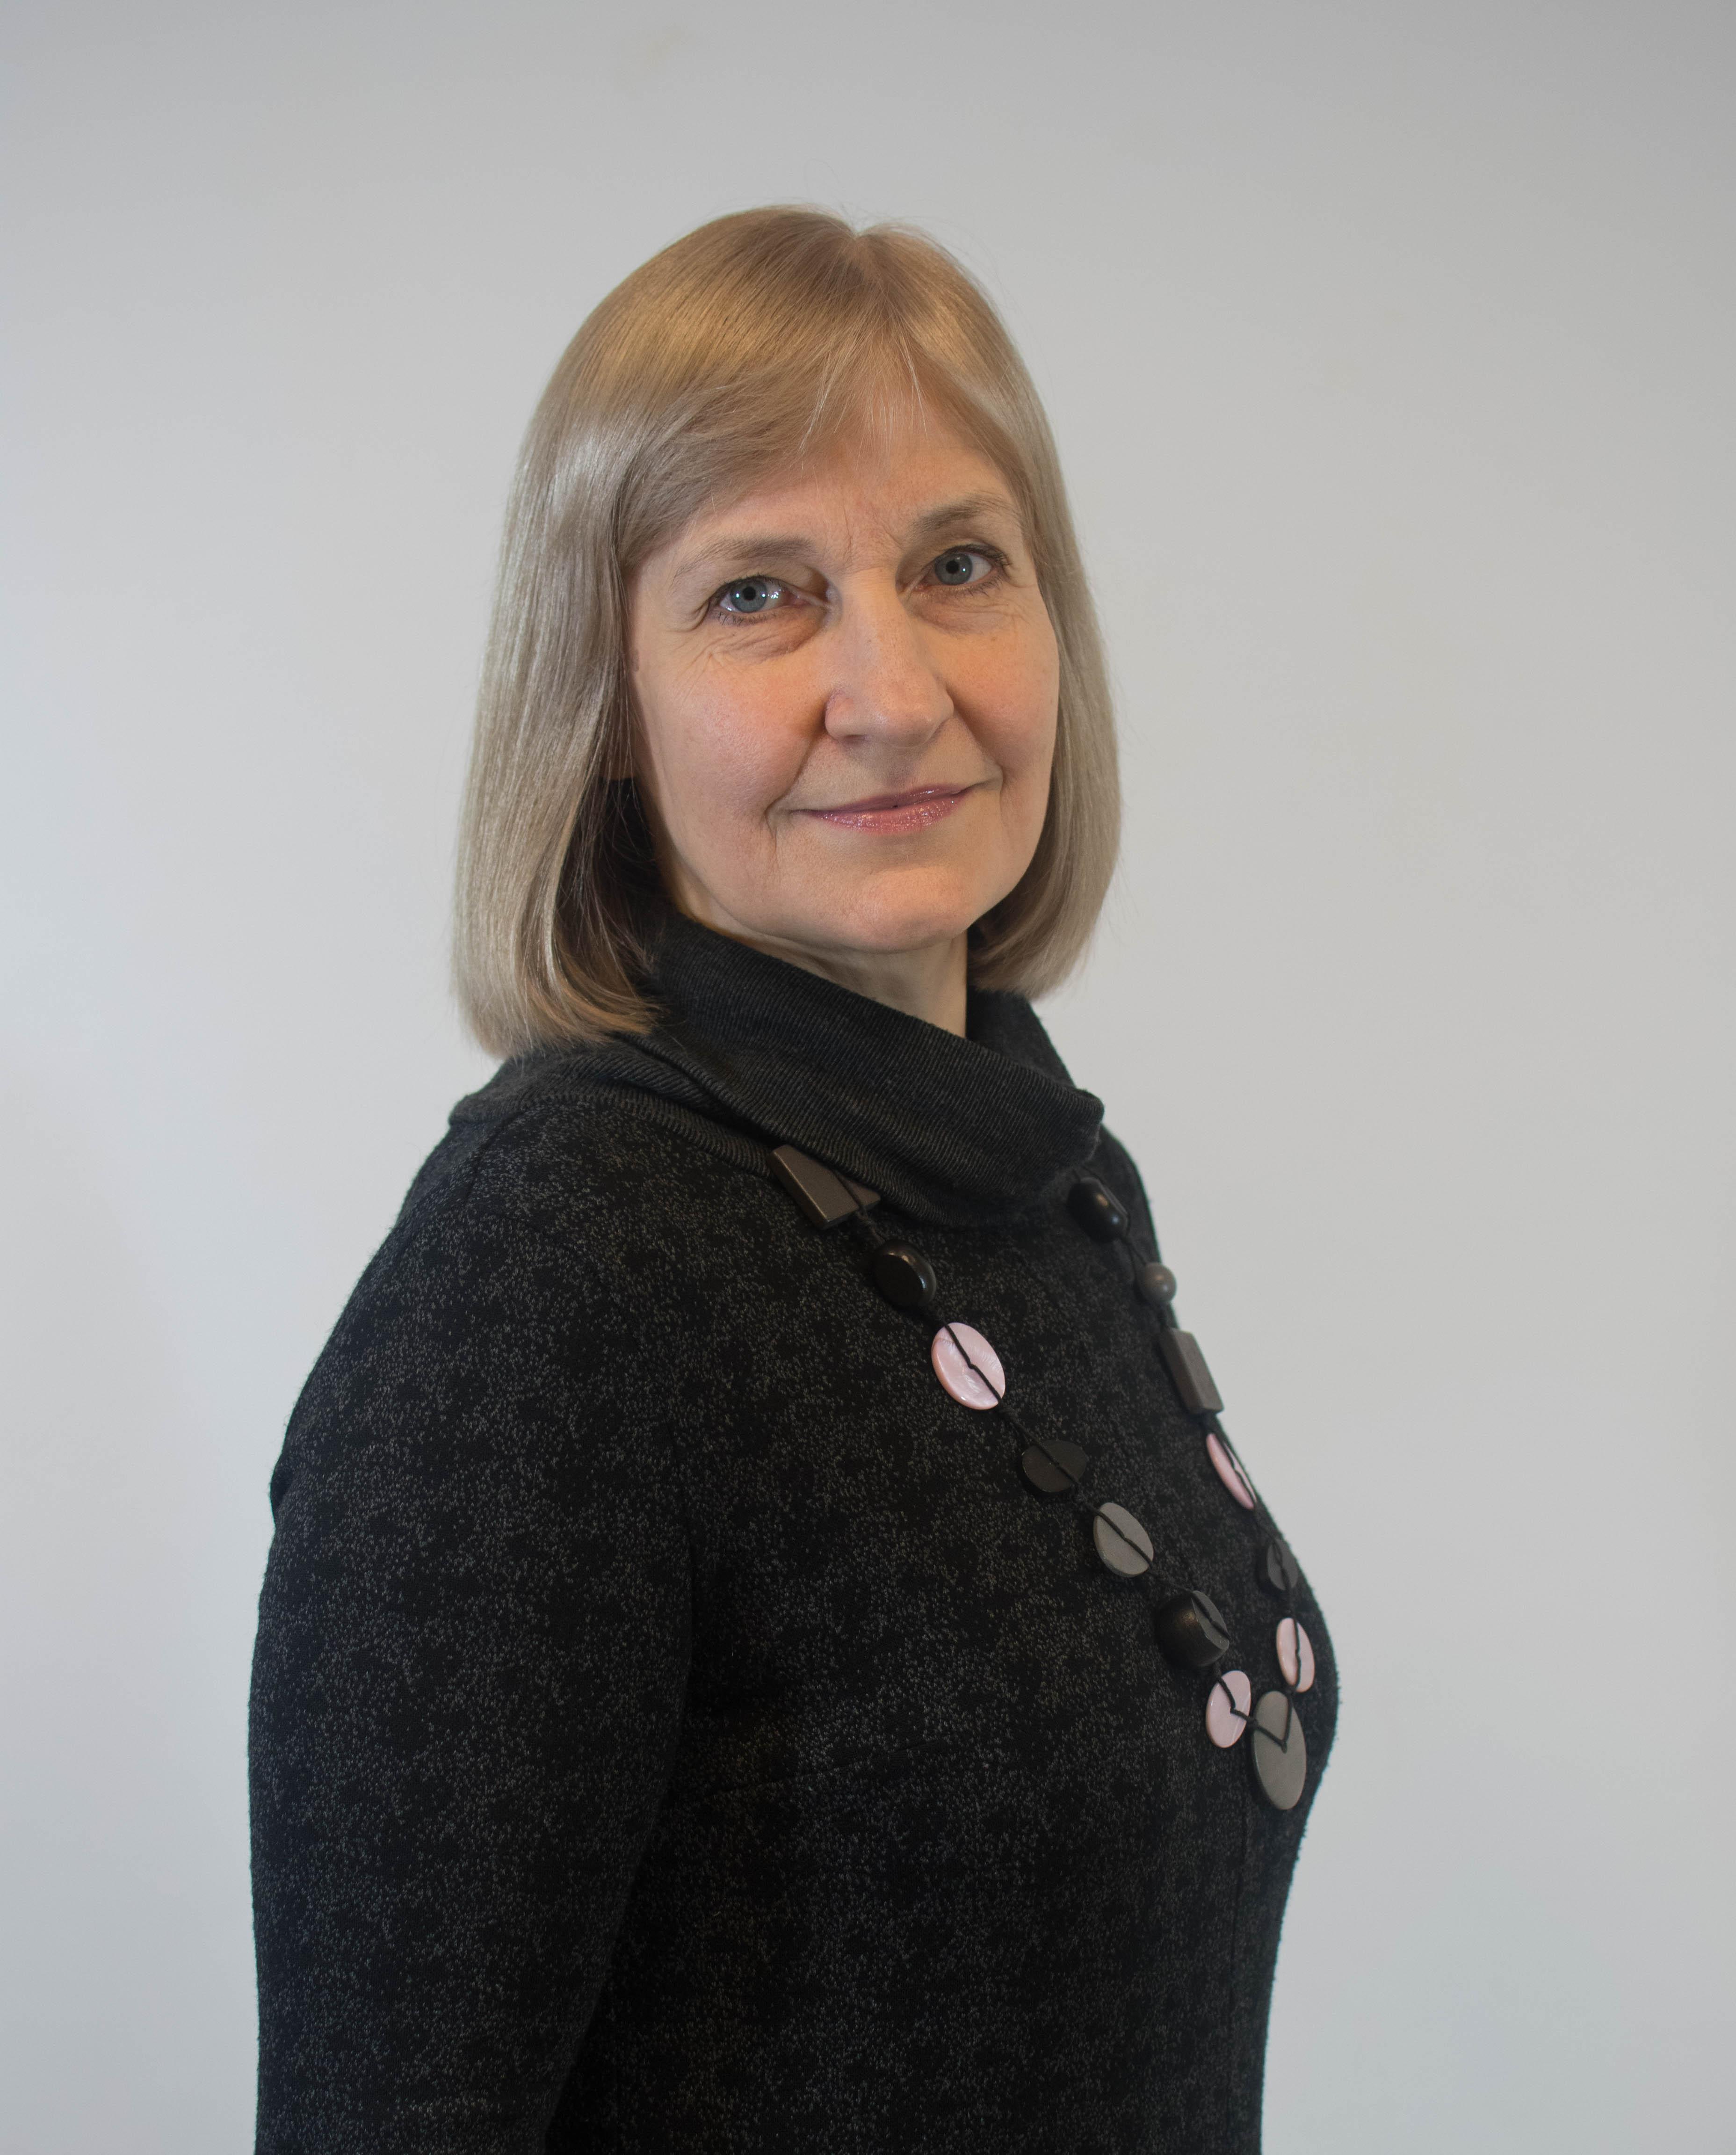 Linda Pavītola